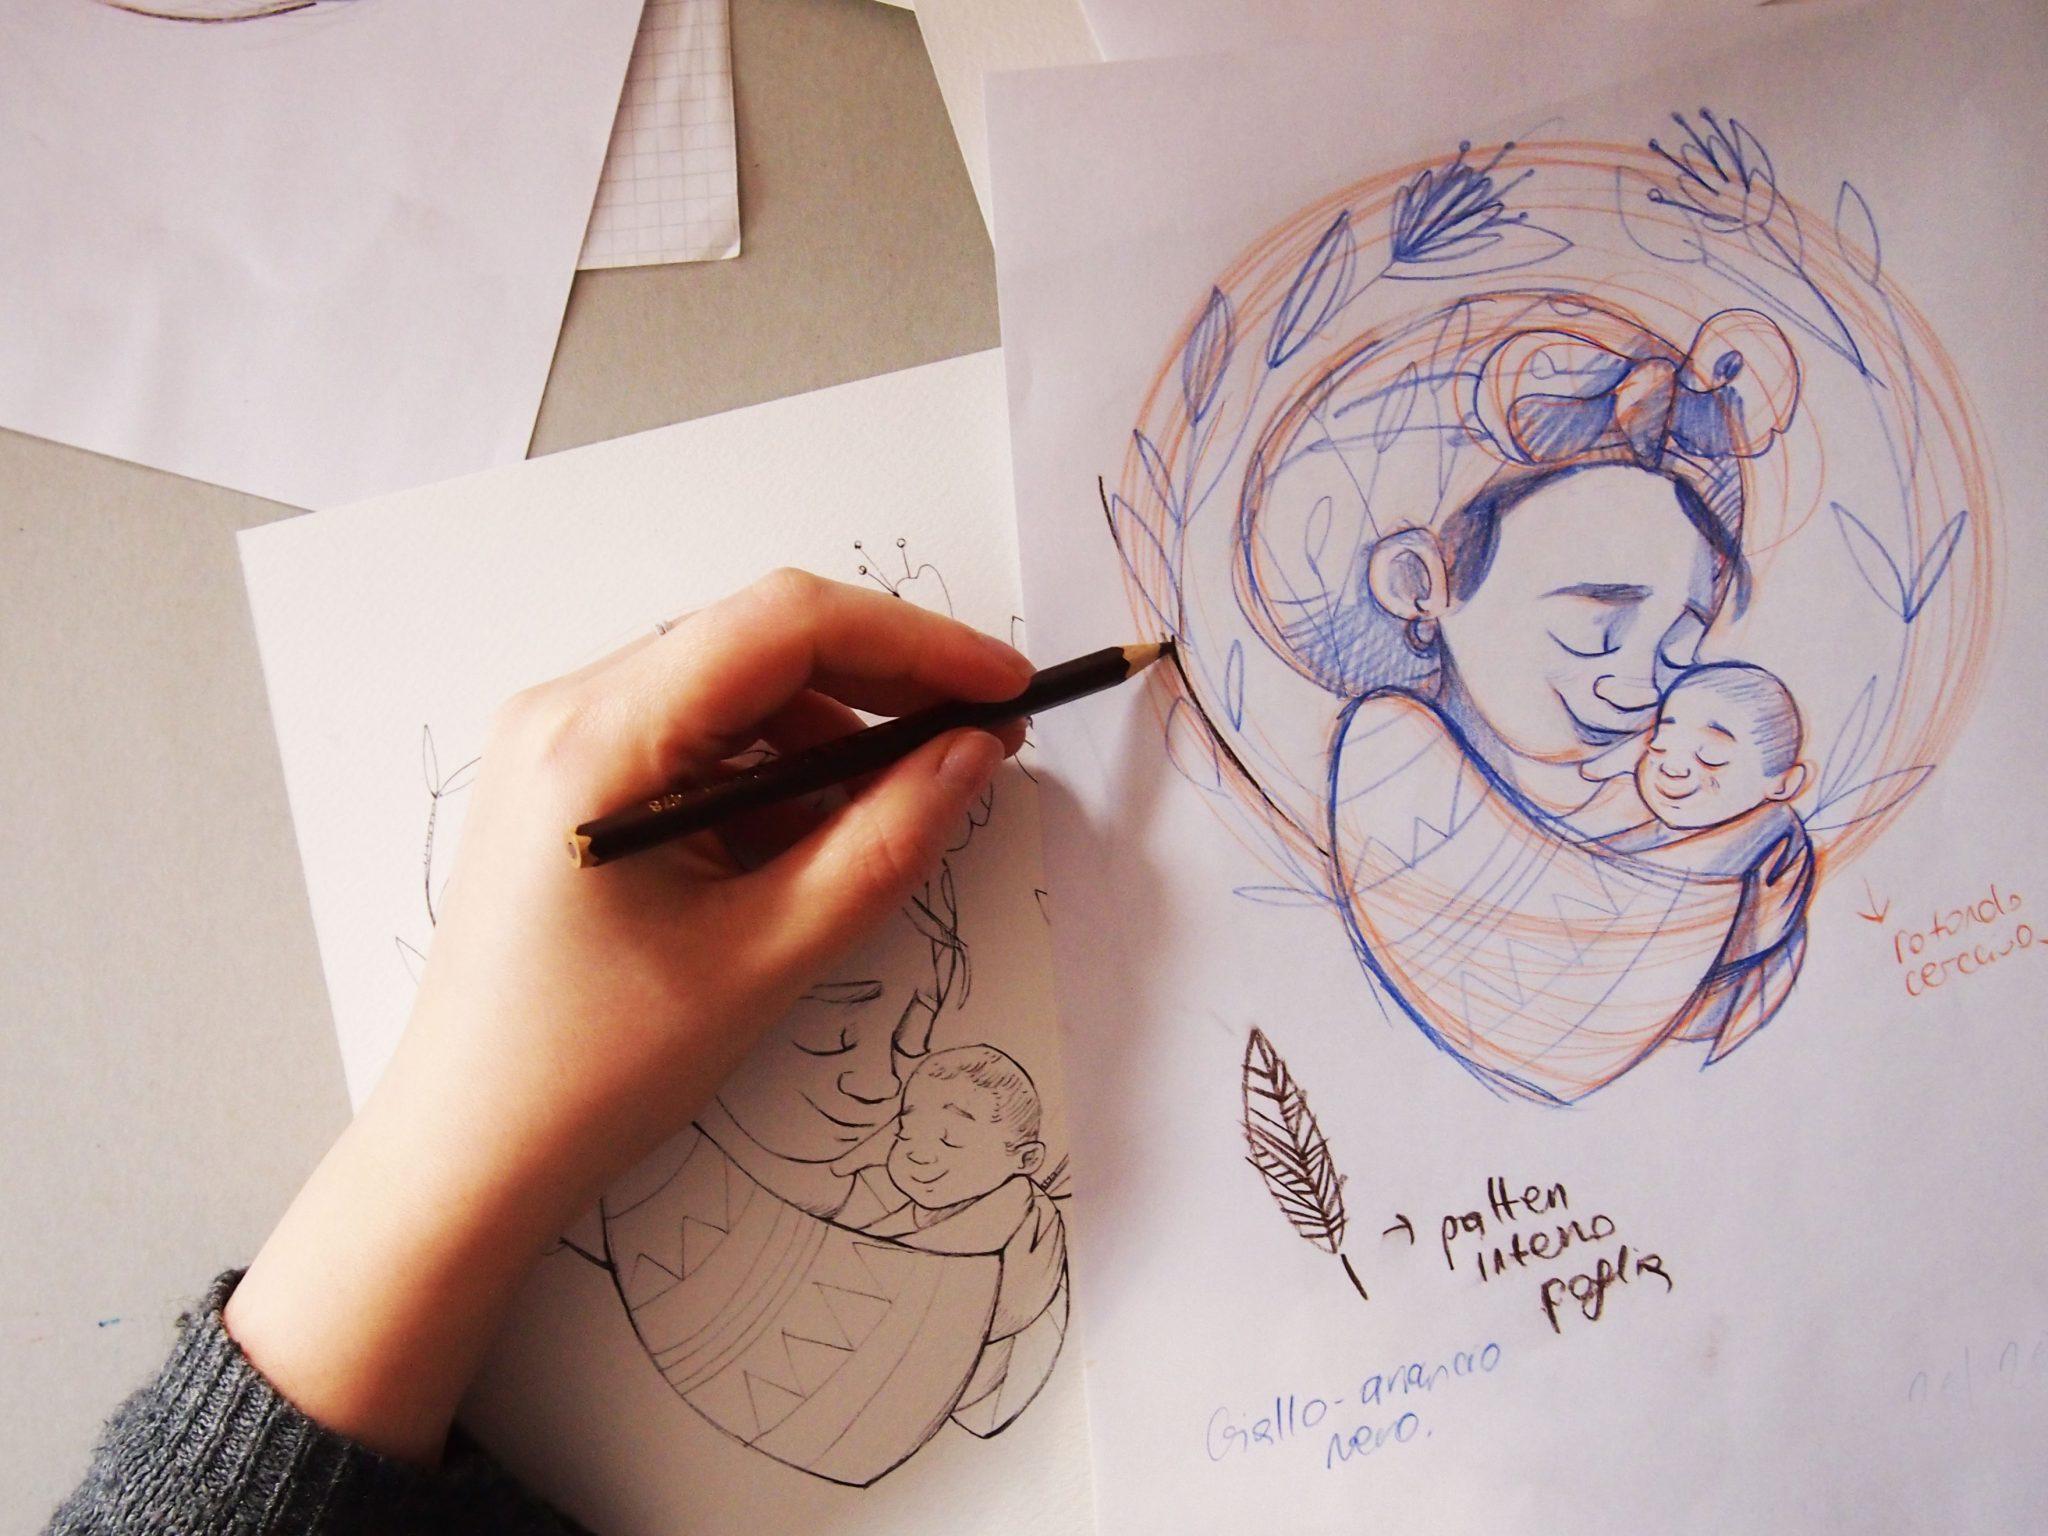 Ritratti illustrati, bozzetto, illustrazione, ritratto illustrato, ritratti